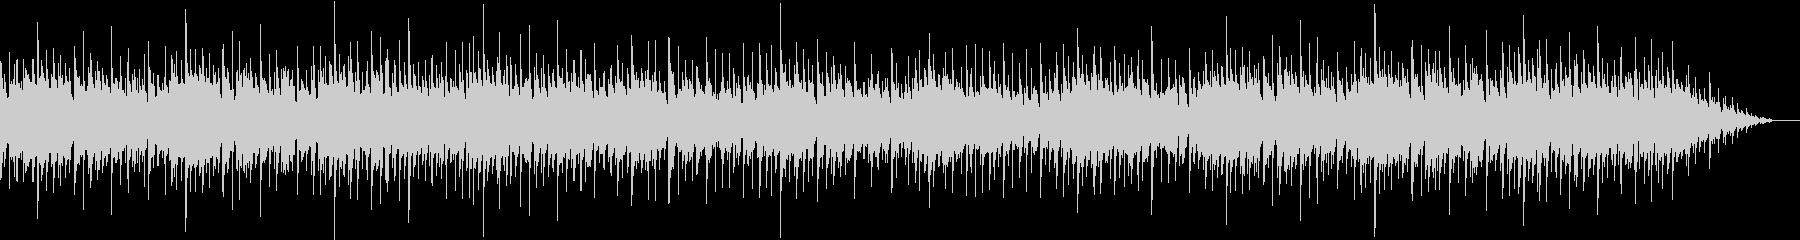 トレーニング・ストレッチ用(90BPM)の未再生の波形